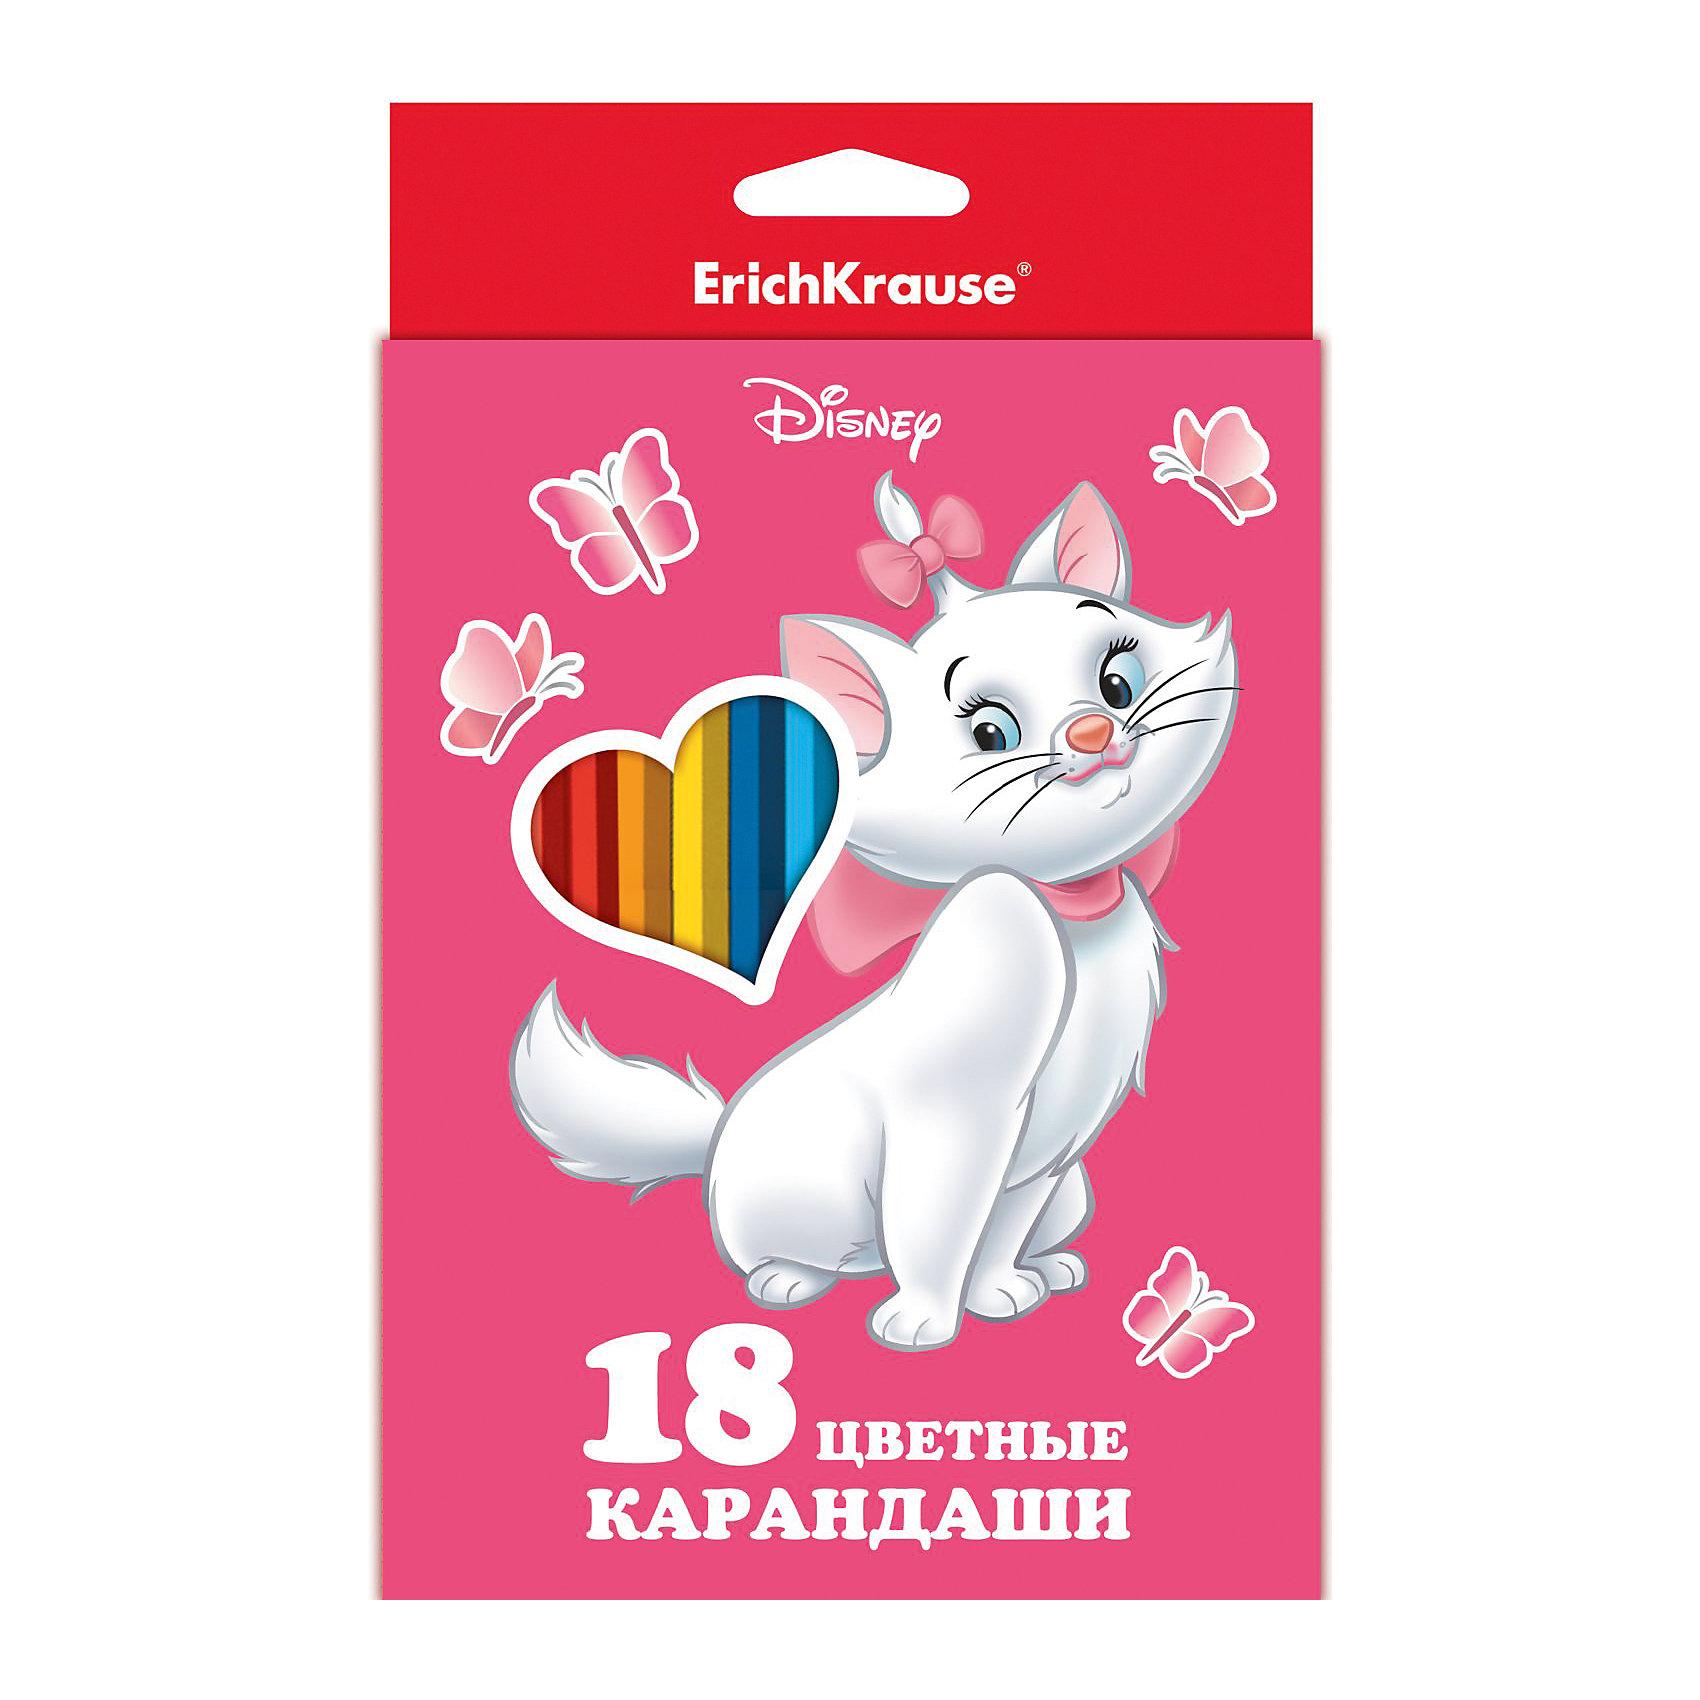 Карандаши Кошка Мари, 18 цветовПисьменные принадлежности<br>Характеристики карандашей Кошка Мари:<br><br>• возраст: от 3 лет<br>• герой: Дисней<br>• пол: для девочек<br>• комплект: 18 карандашей.<br>• материал: дерево, графит<br>• размер упаковки: 20х9х1,5 см <br>• упаковка: картонная коробка.<br>• толщина грифеля: 3 мм.<br>• карандаши: шестигранные.<br>• бренд: Erich Krause<br><br>Набор цветных карандашей от известной немецкой компании Erich Krause (Эрих Краузе) состоит из 18 цветных карандашей разных ярких цветов, которые прекрасно подходят для рисования даже малышей. У карандашей не крошиться грифель, они не требуют сильного нажатия, а рисунки получаются насыщенные и яркие. Корпус шестигранной формы позволит малышу правильно держать карандаш и, при долгом рисовании, рука не будет уставать.<br><br>Карандаши Кошка Мари торговой марки Erich Krause  можно купить в нашем интернет-магазине.<br><br>Ширина мм: 134<br>Глубина мм: 204<br>Высота мм: 8<br>Вес г: 133<br>Возраст от месяцев: 60<br>Возраст до месяцев: 216<br>Пол: Женский<br>Возраст: Детский<br>SKU: 5409238